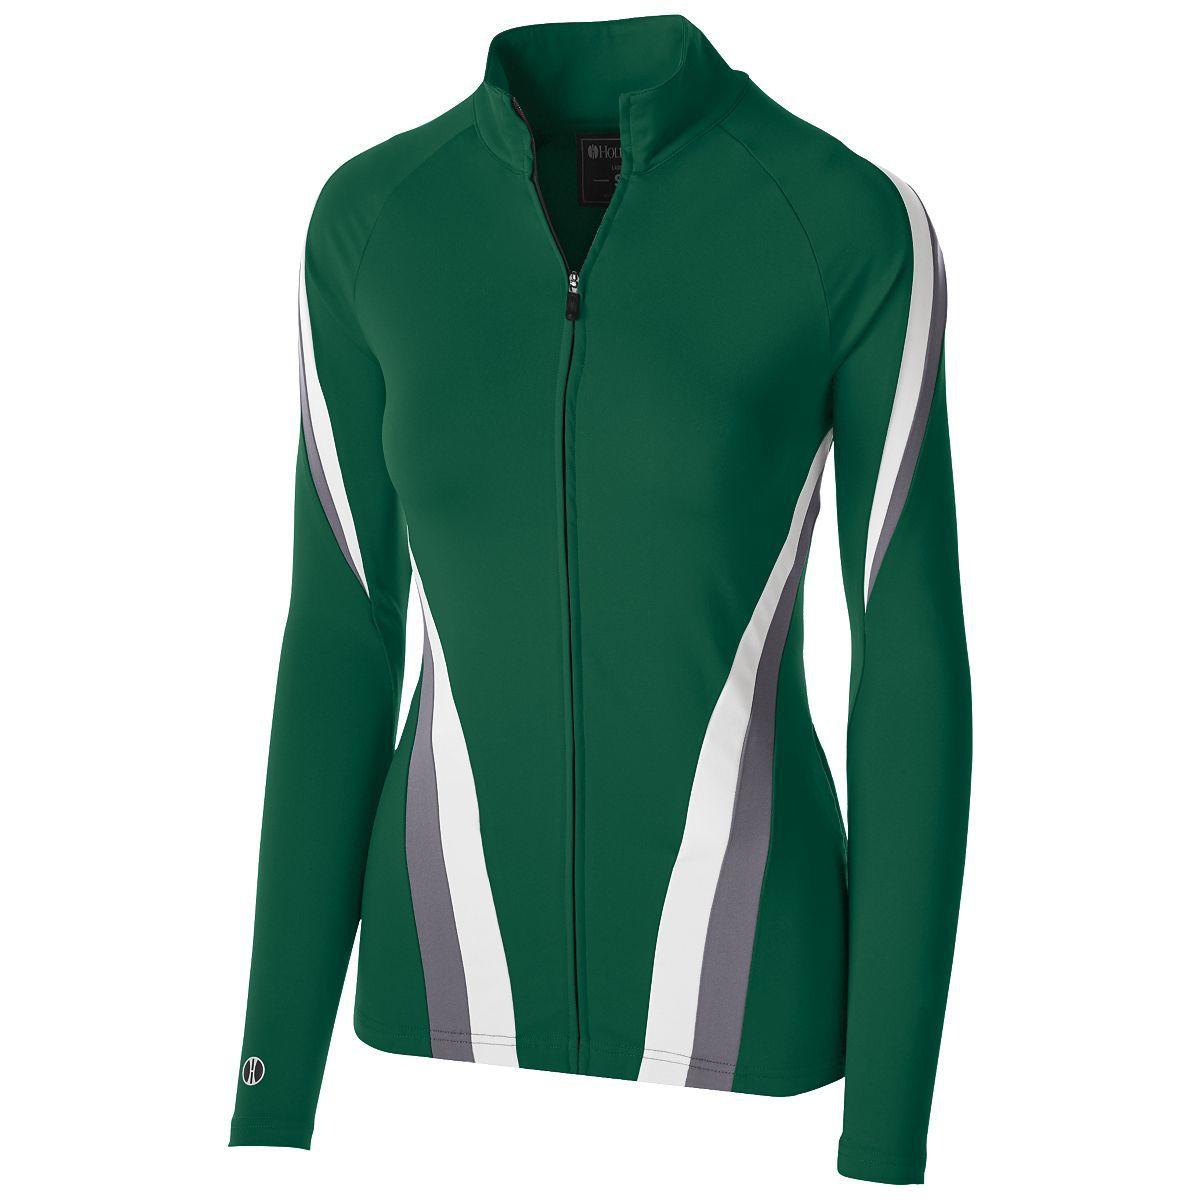 Ladies Aerial Jacket - Forest/graphite/white